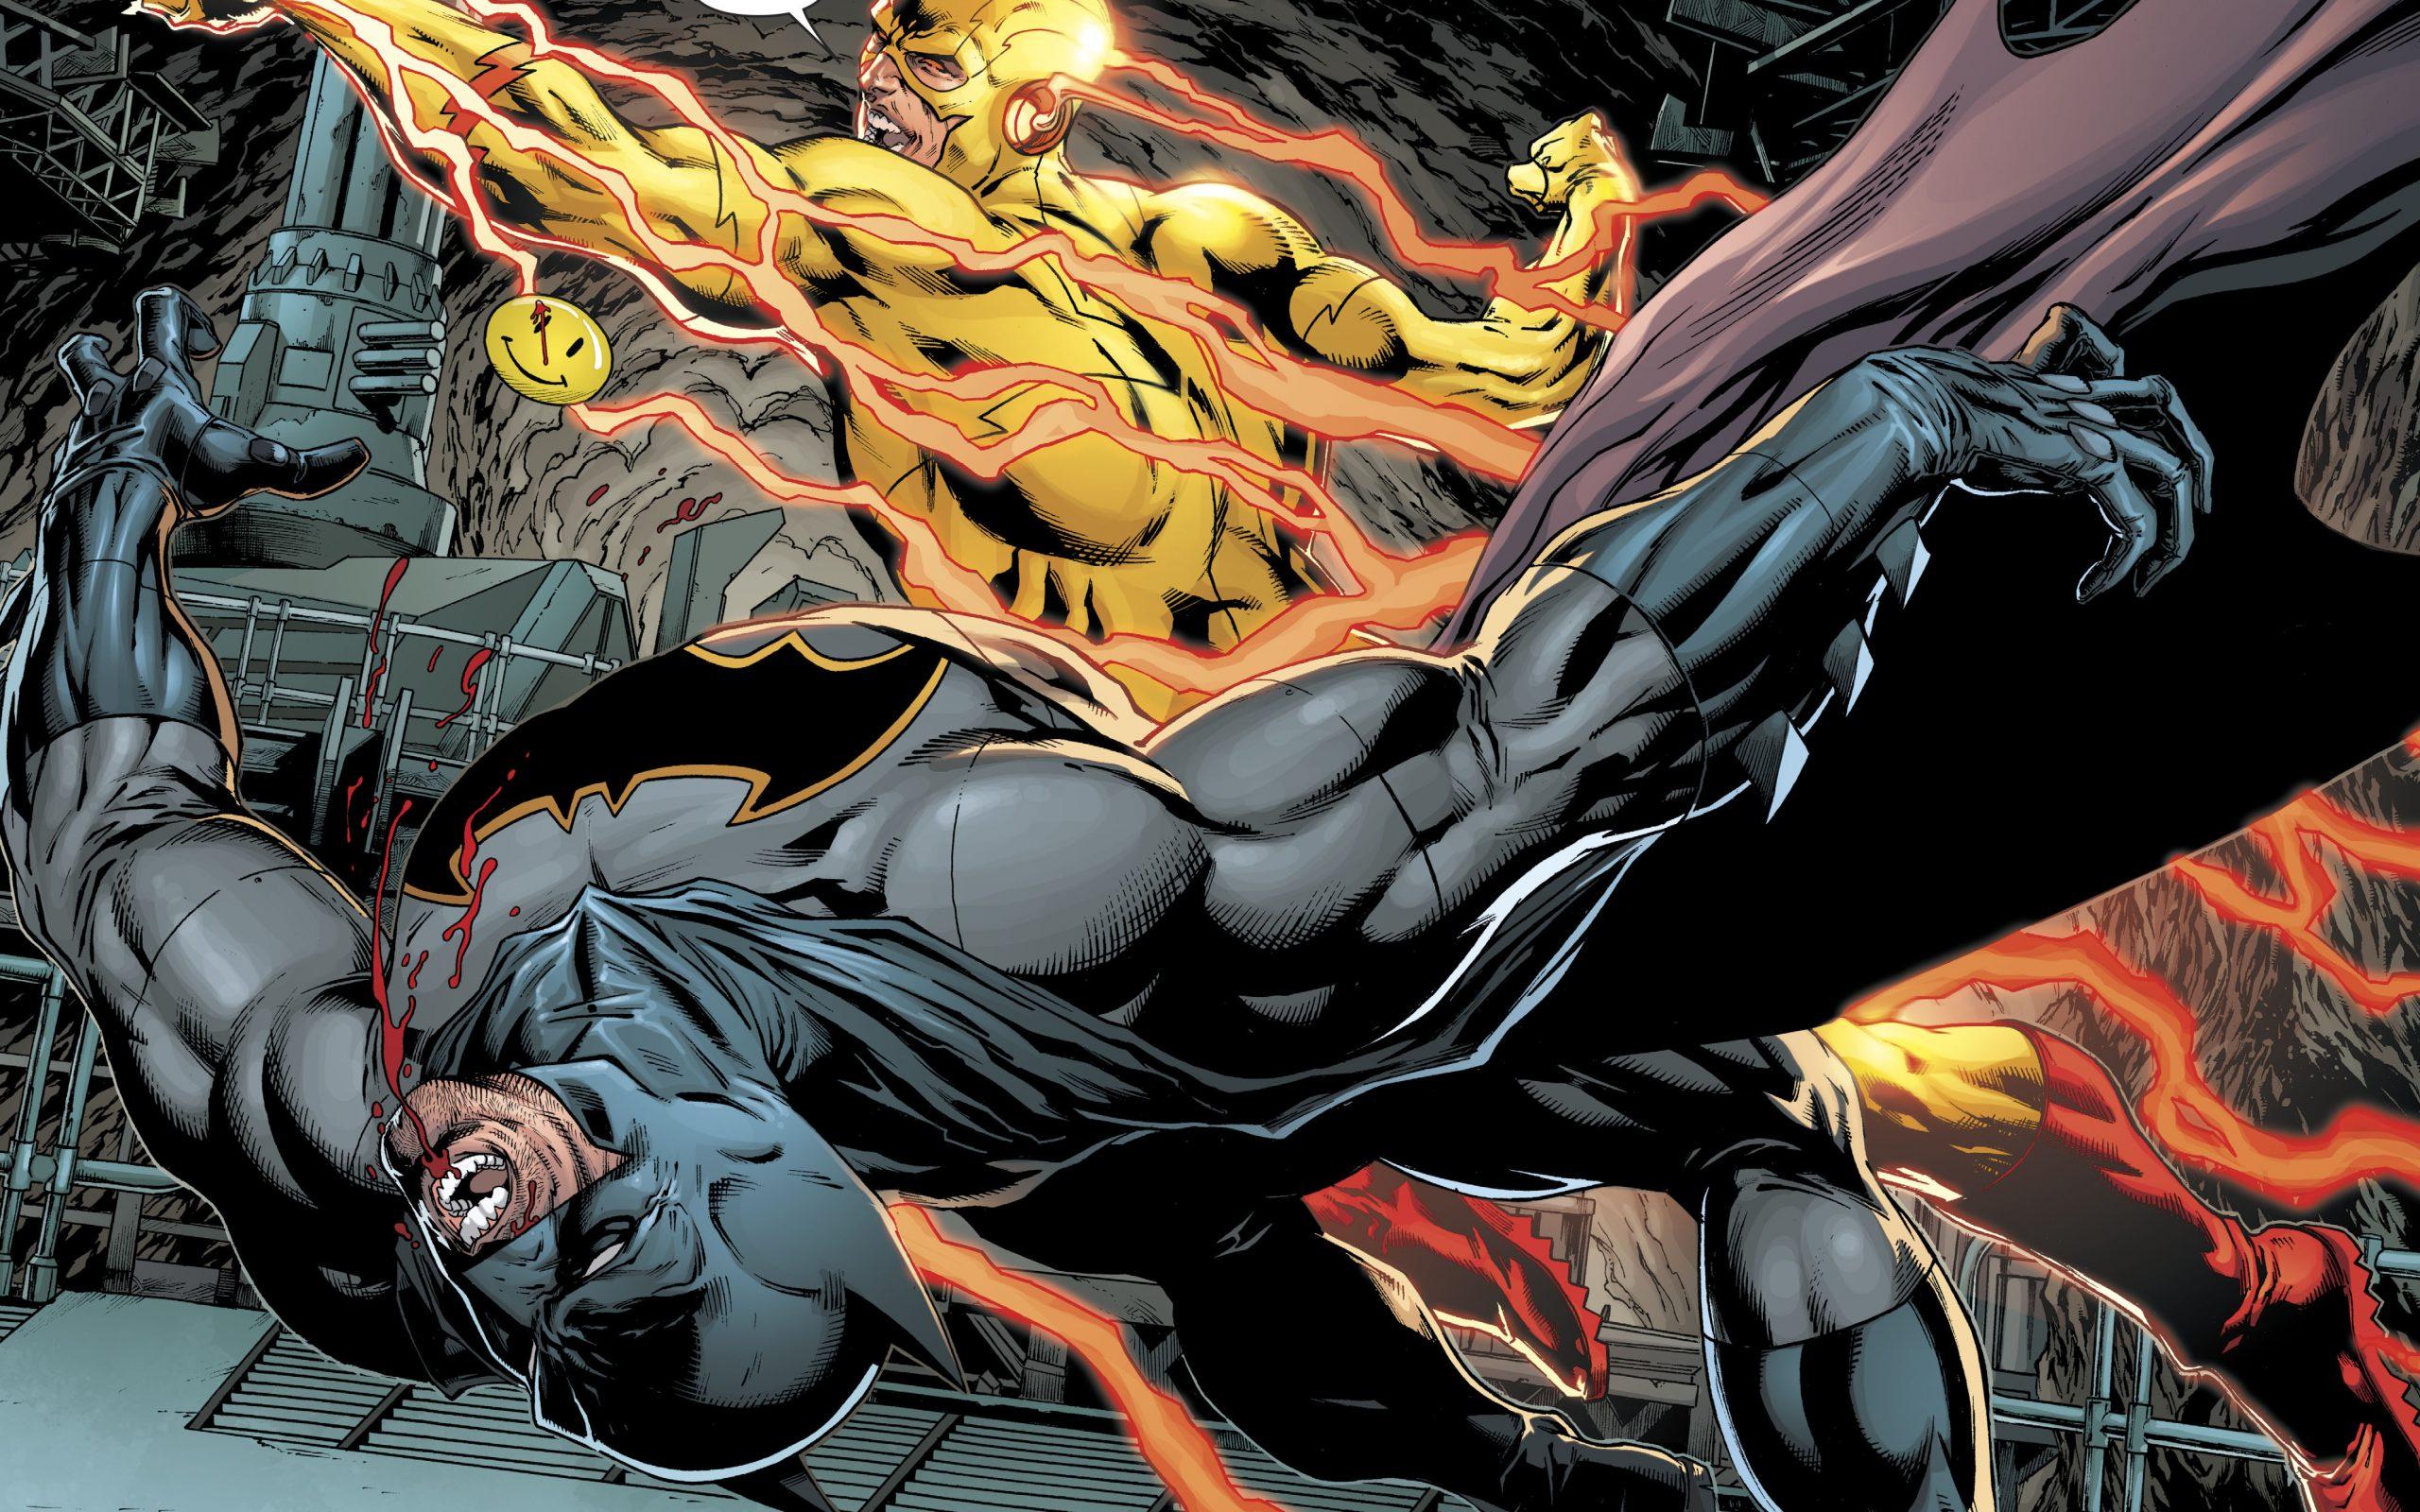 Motivational Wallpaper Cute Batman Vs Reverse Flash Dc Comics 4k Uhd Wallpaper